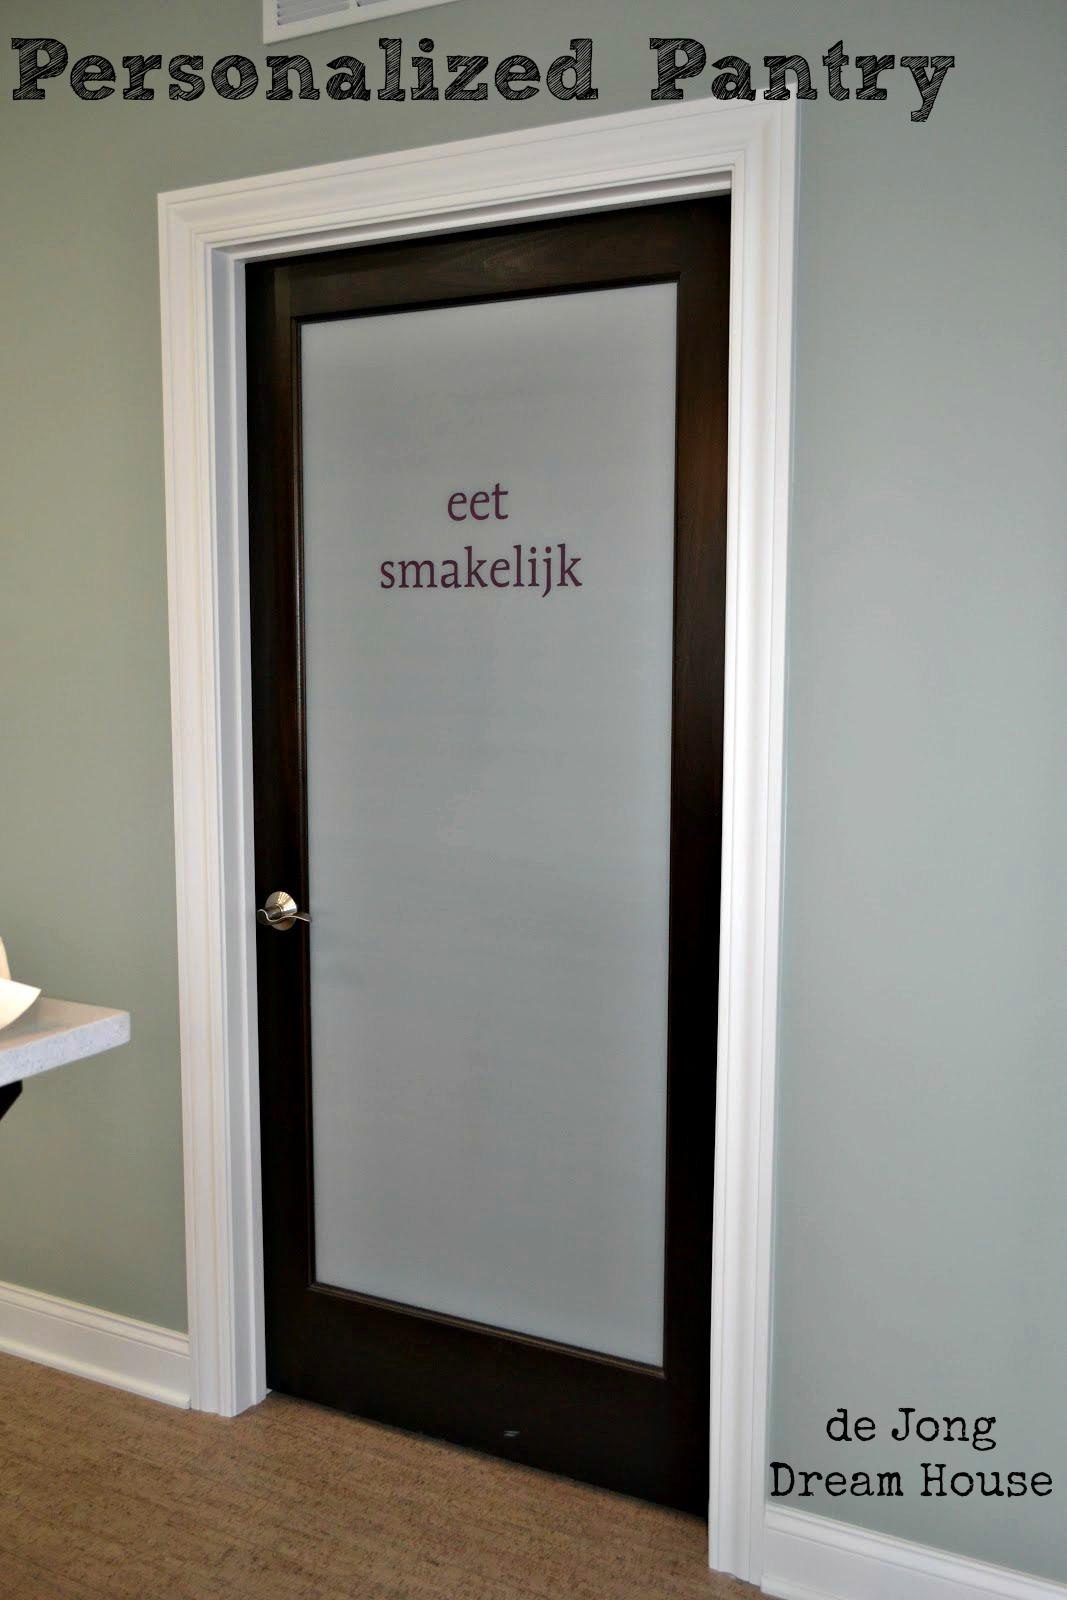 de Jong Dream House: Personalizing the Pantry Door